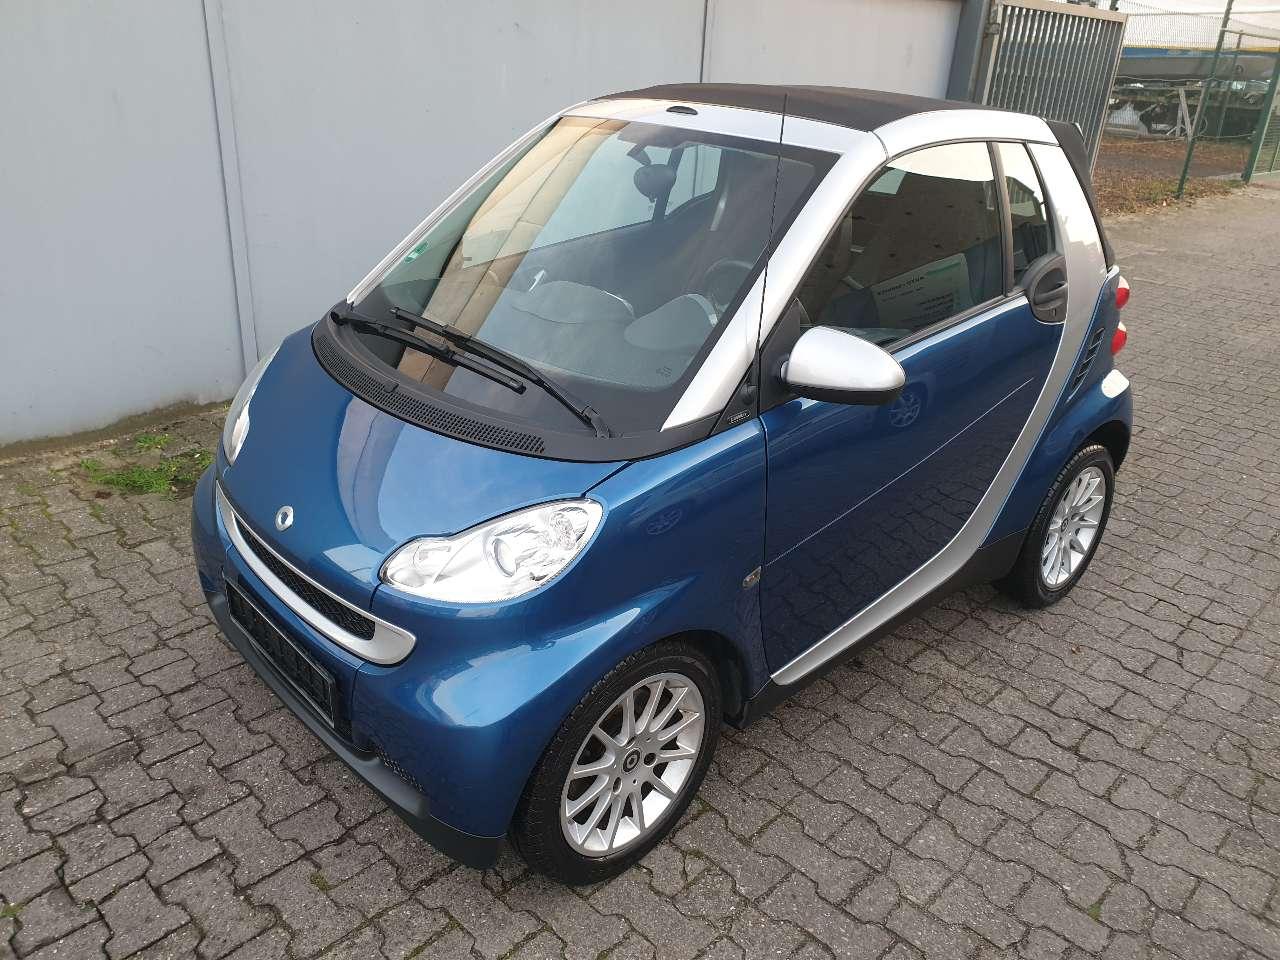 Autos nach Smart Fortwo Cabrio cdi